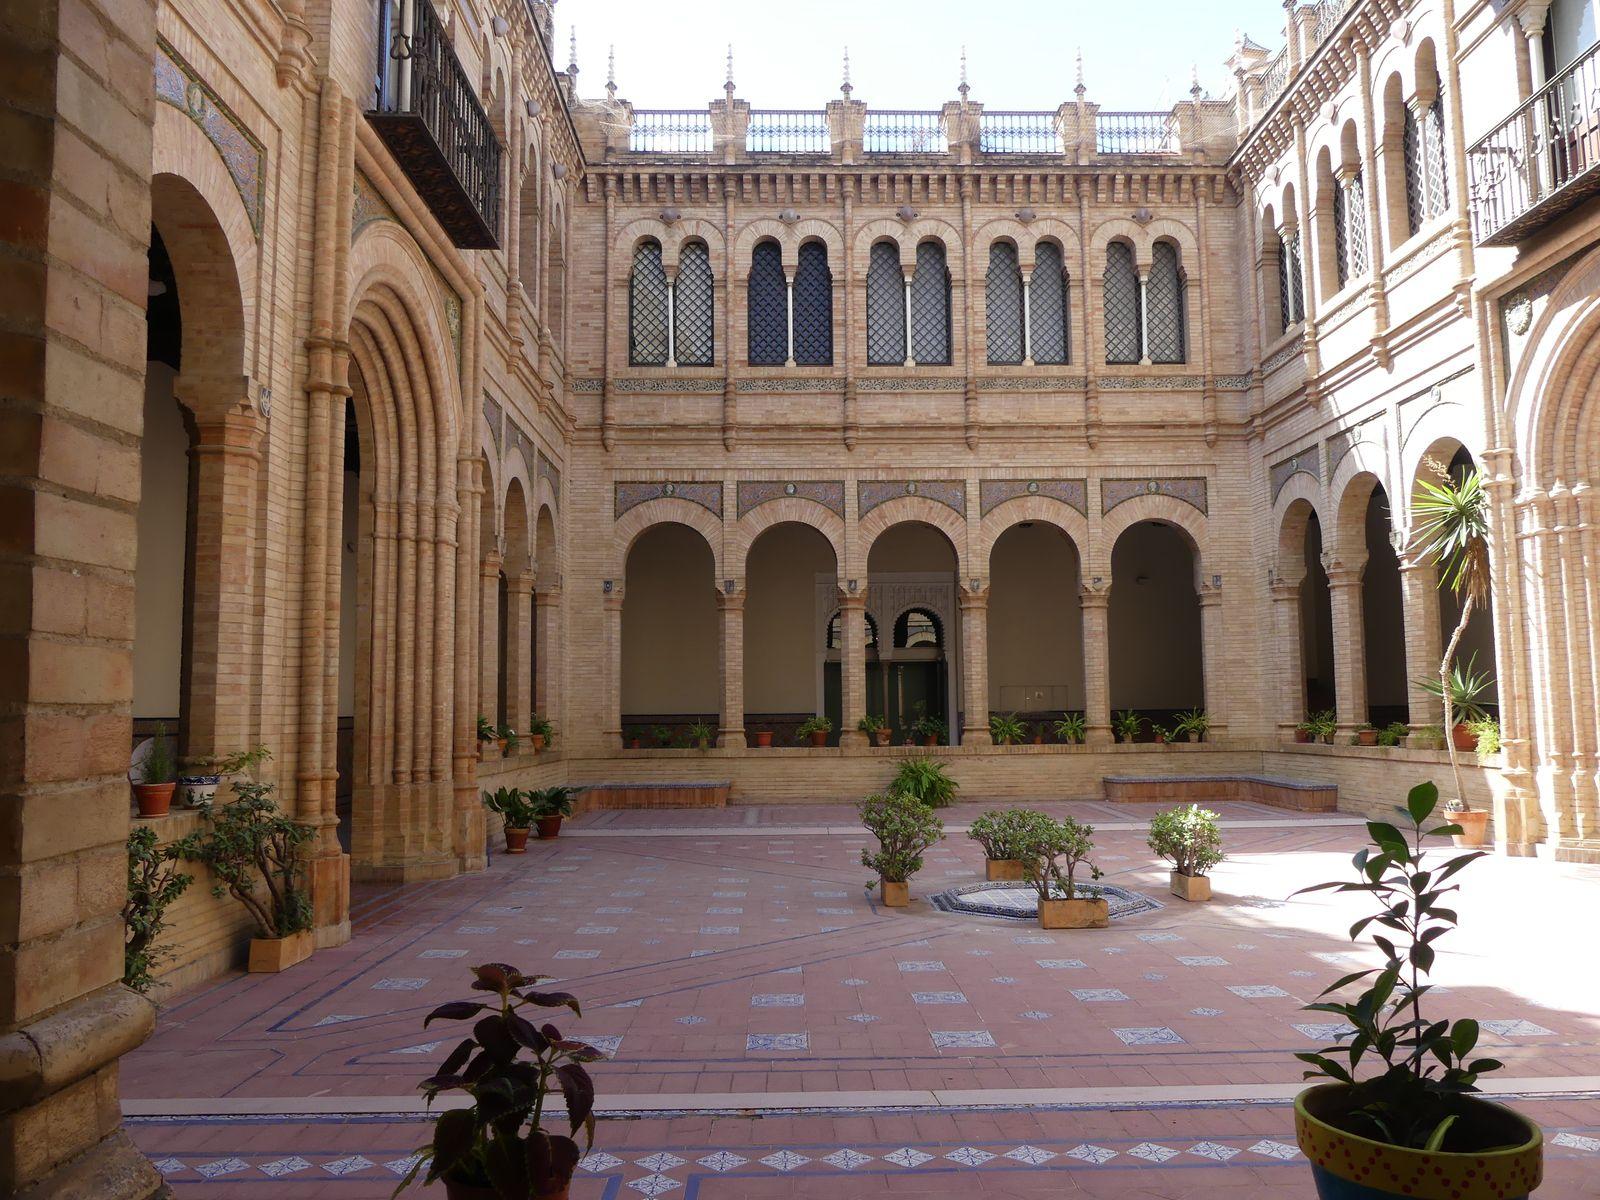 Le musée des arts et traditions. Un superbe bâtiment. Les différents métiers montrés sont intéressants